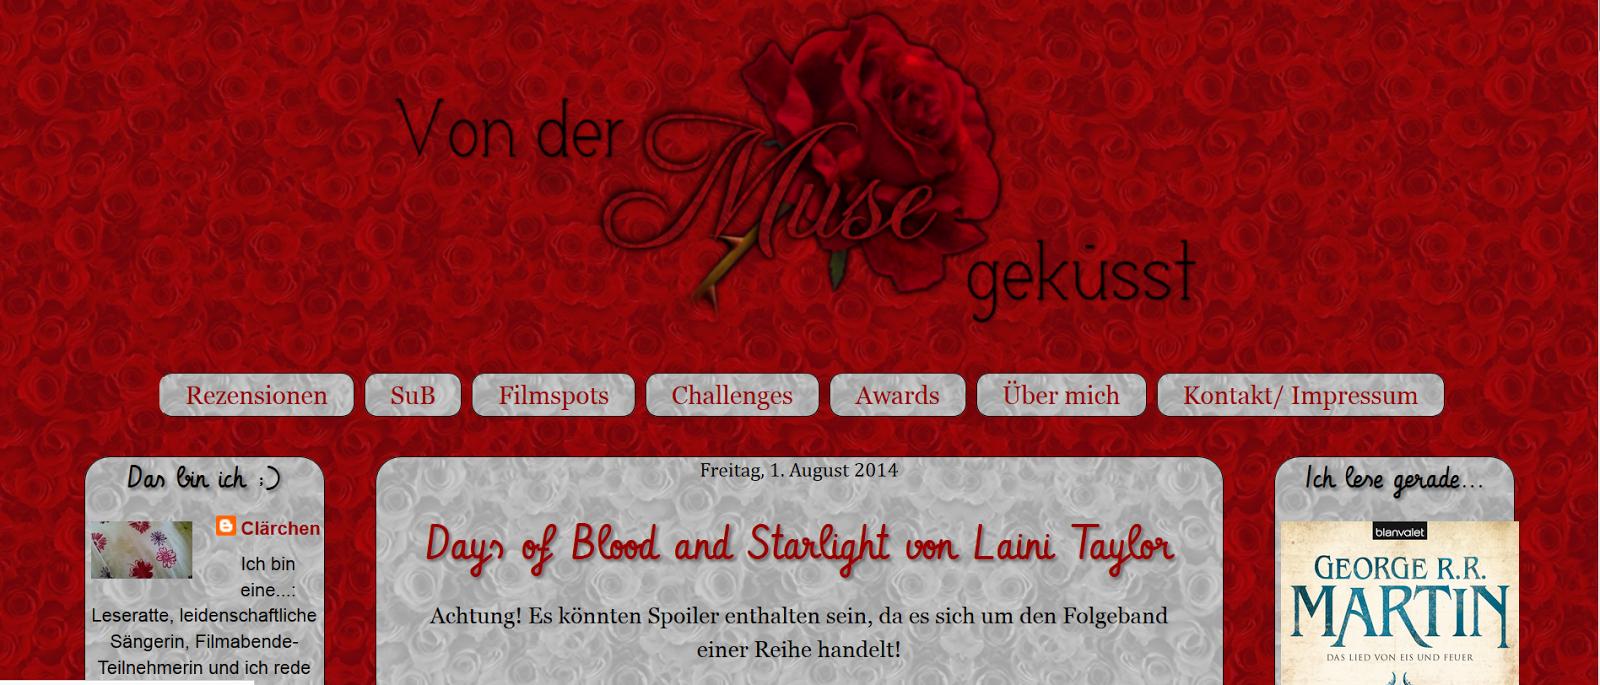 http://von-der-muse-gekuesst.blogspot.de/